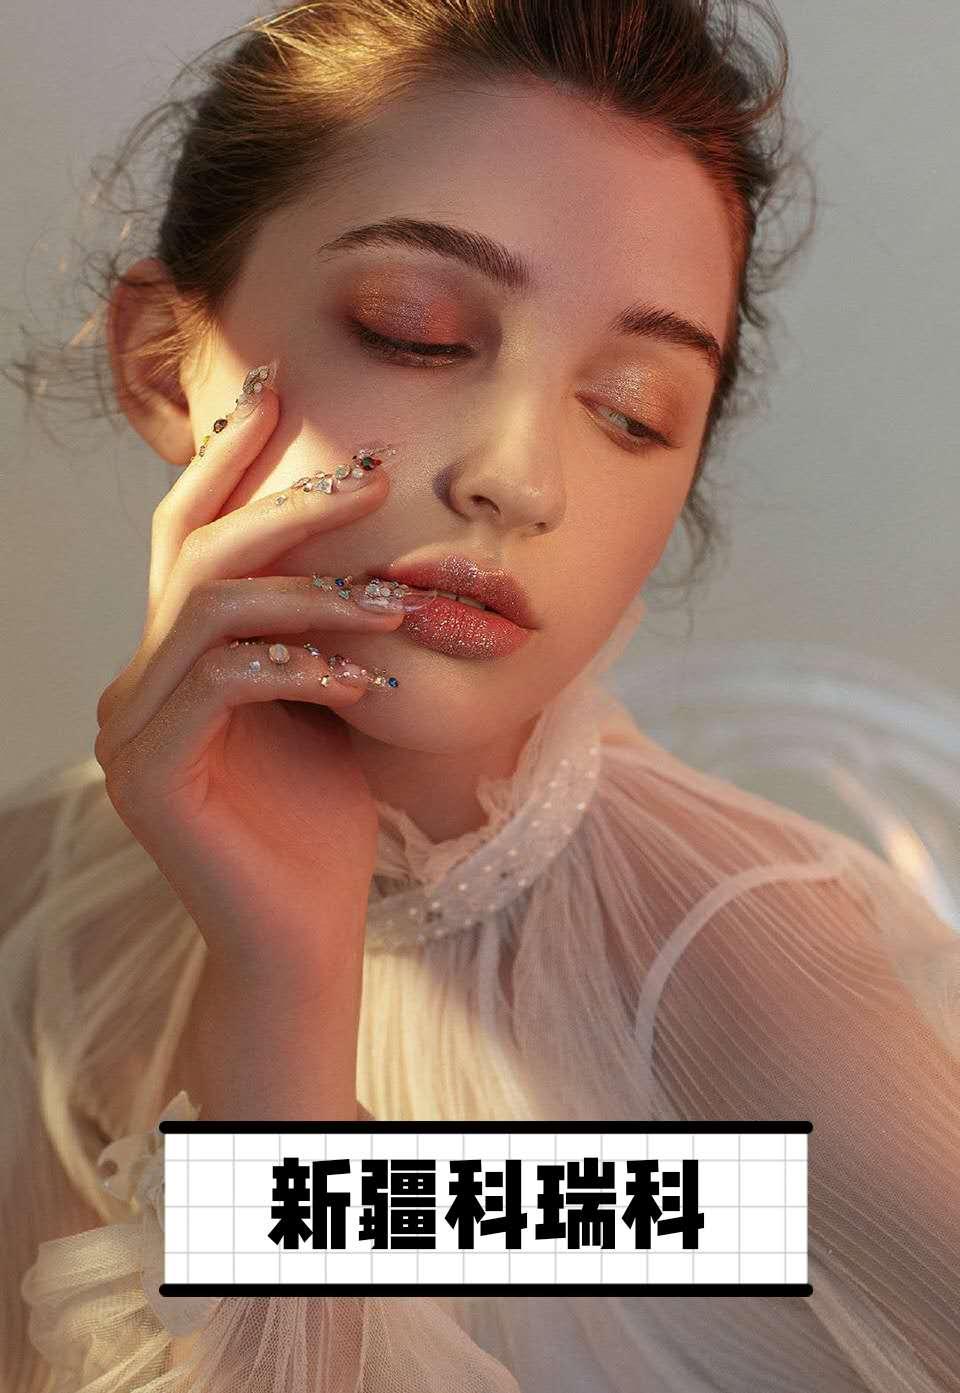 乌鲁木齐有哪些化妆培训多少钱 客户至上 新疆科瑞科文化传媒yabo402.com